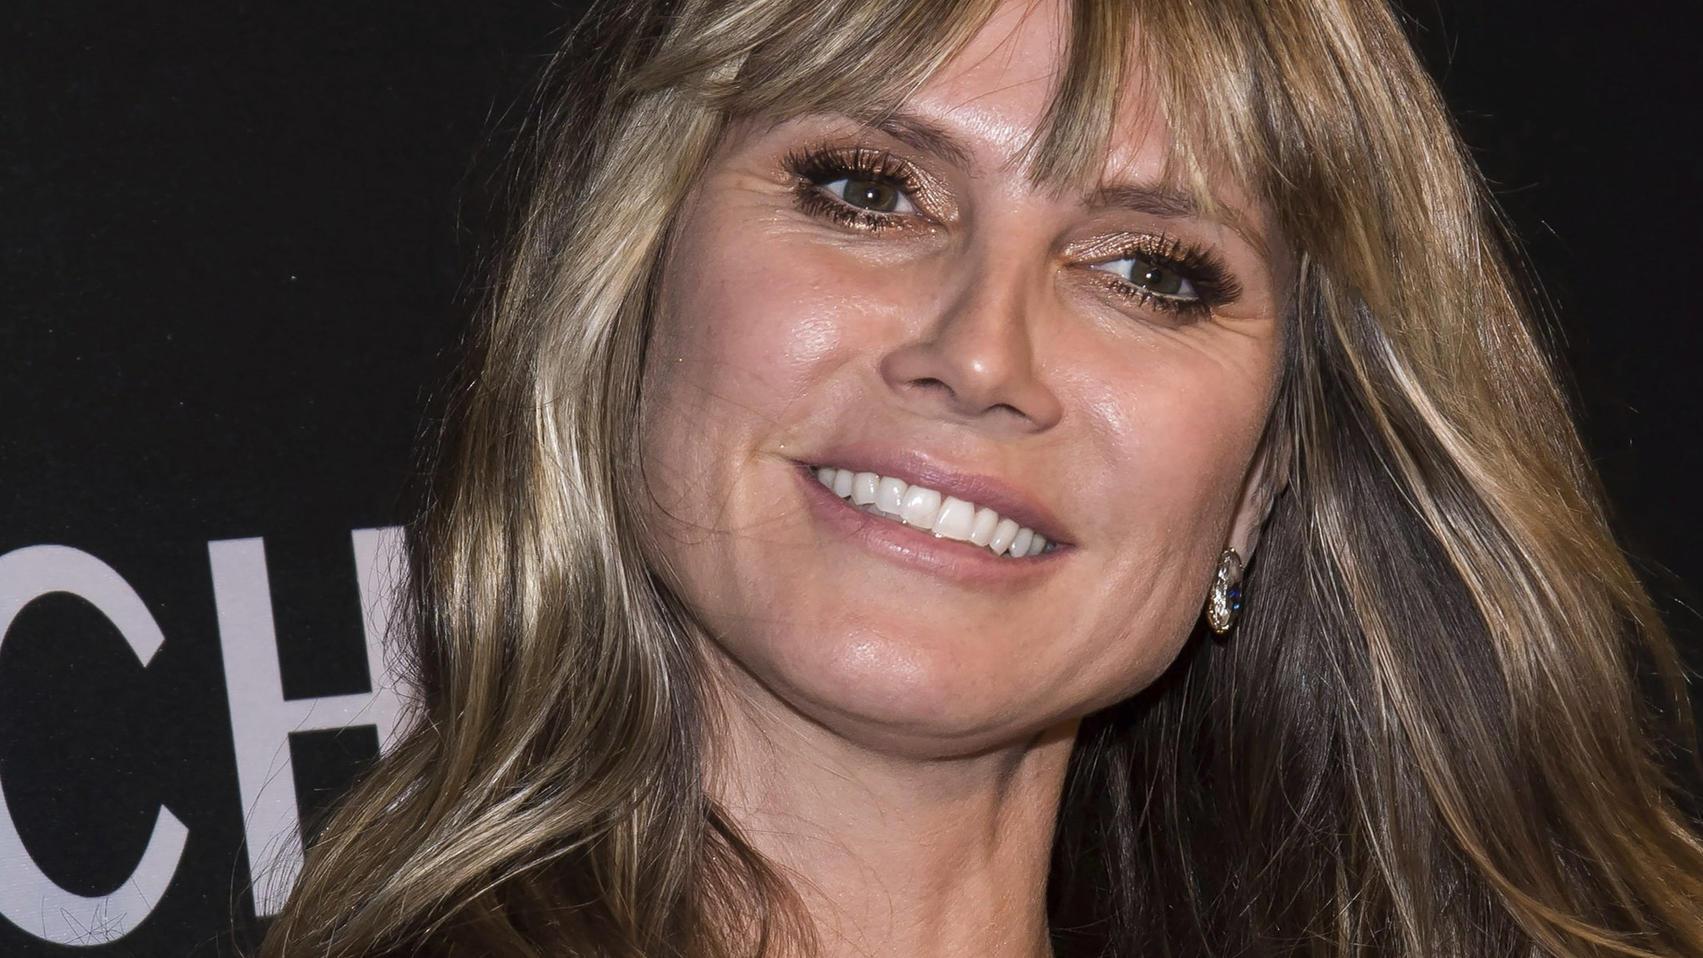 """Heidi Klum bekommt neue Strähnchen: """"Friseurbesuch in BH"""